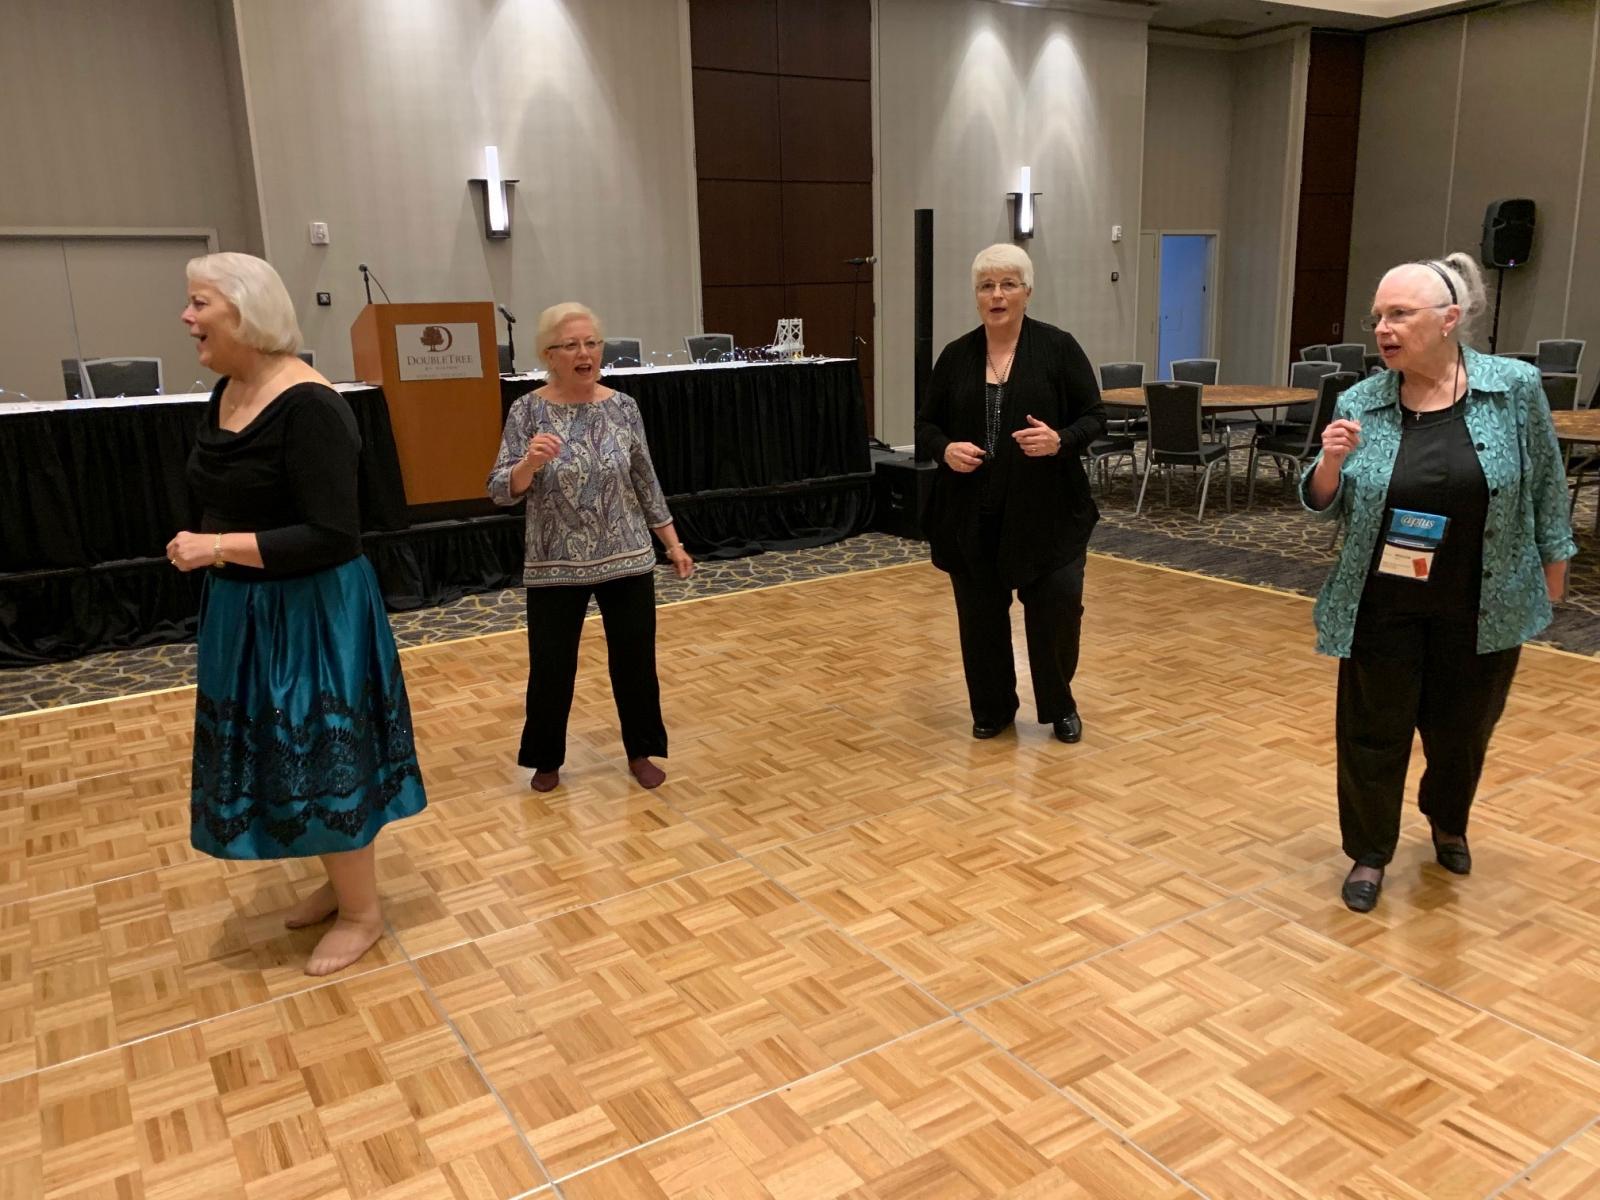 Dancing-at-Banquet